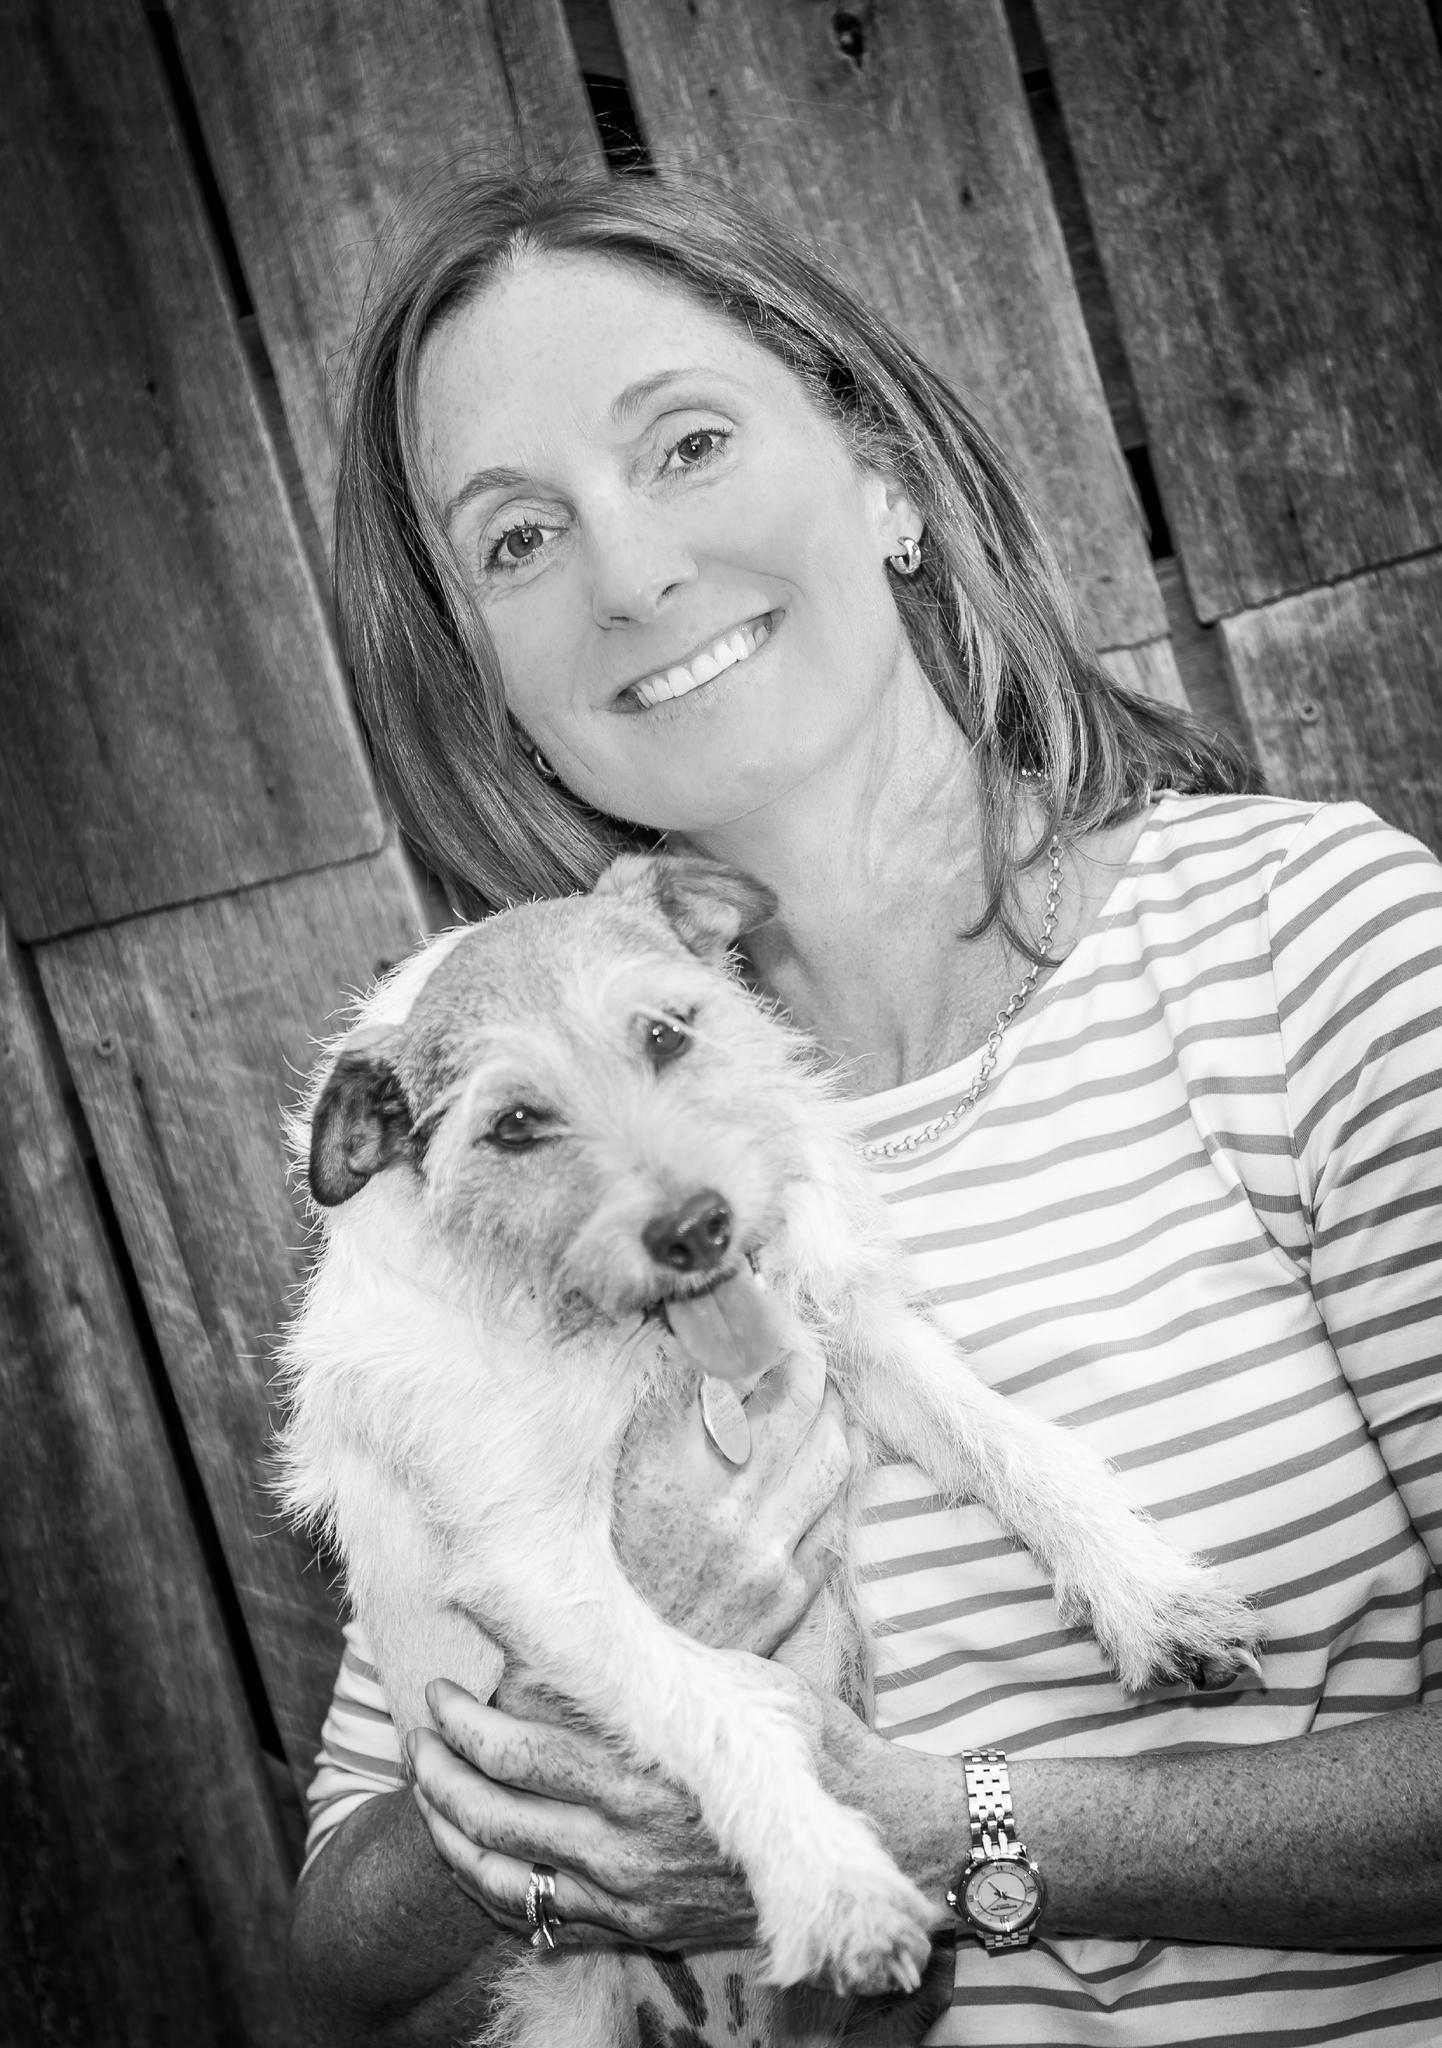 Speaker in the Spotlight: Cathy Beck